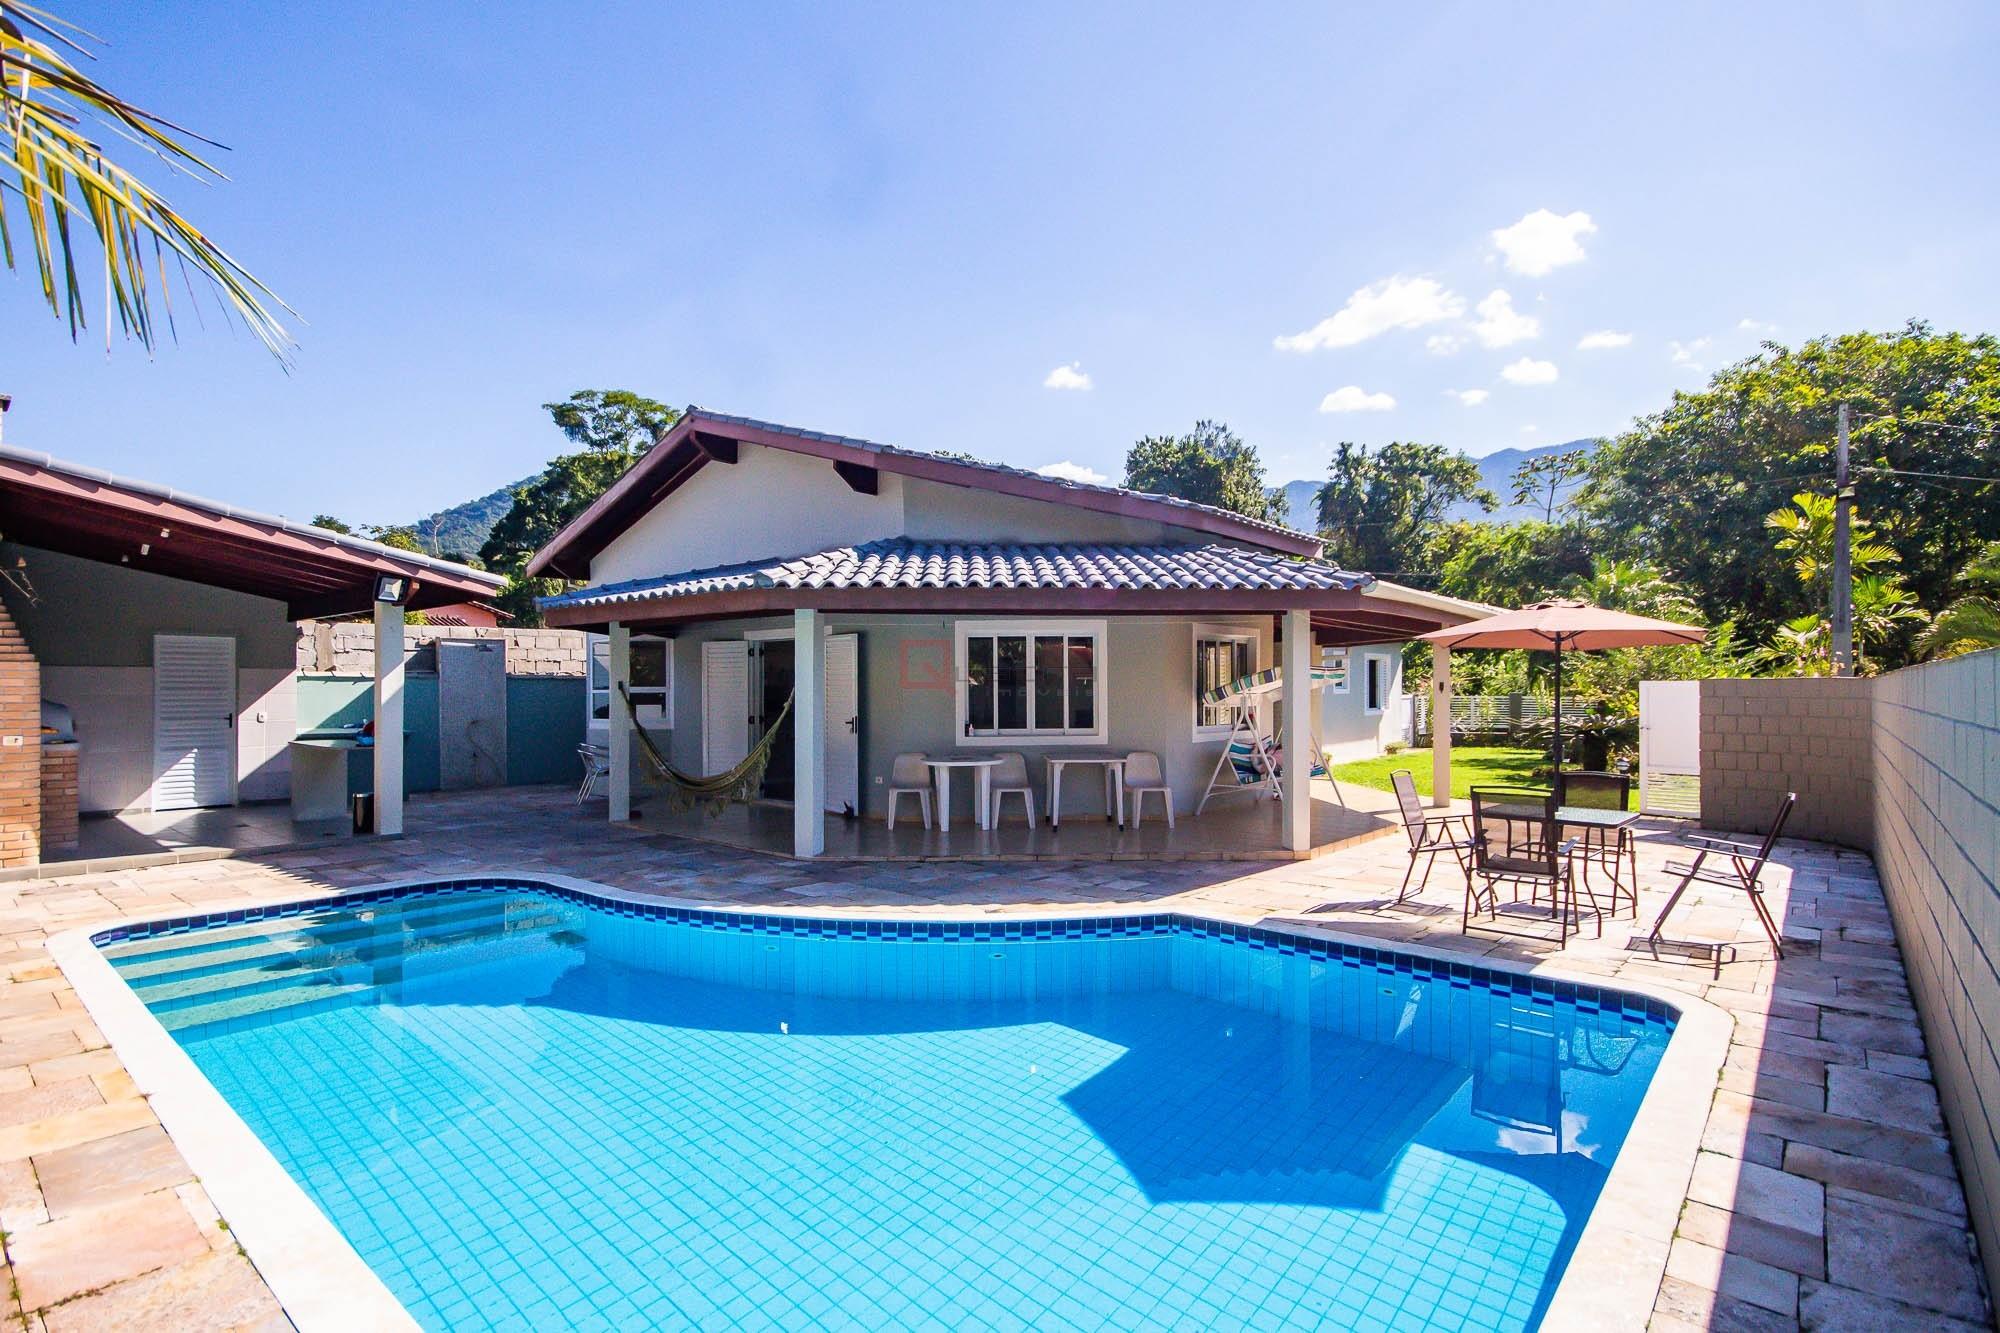 Casa com 3 suítes à venda em Caraguatatuba, no bairro Mar Verde Ii